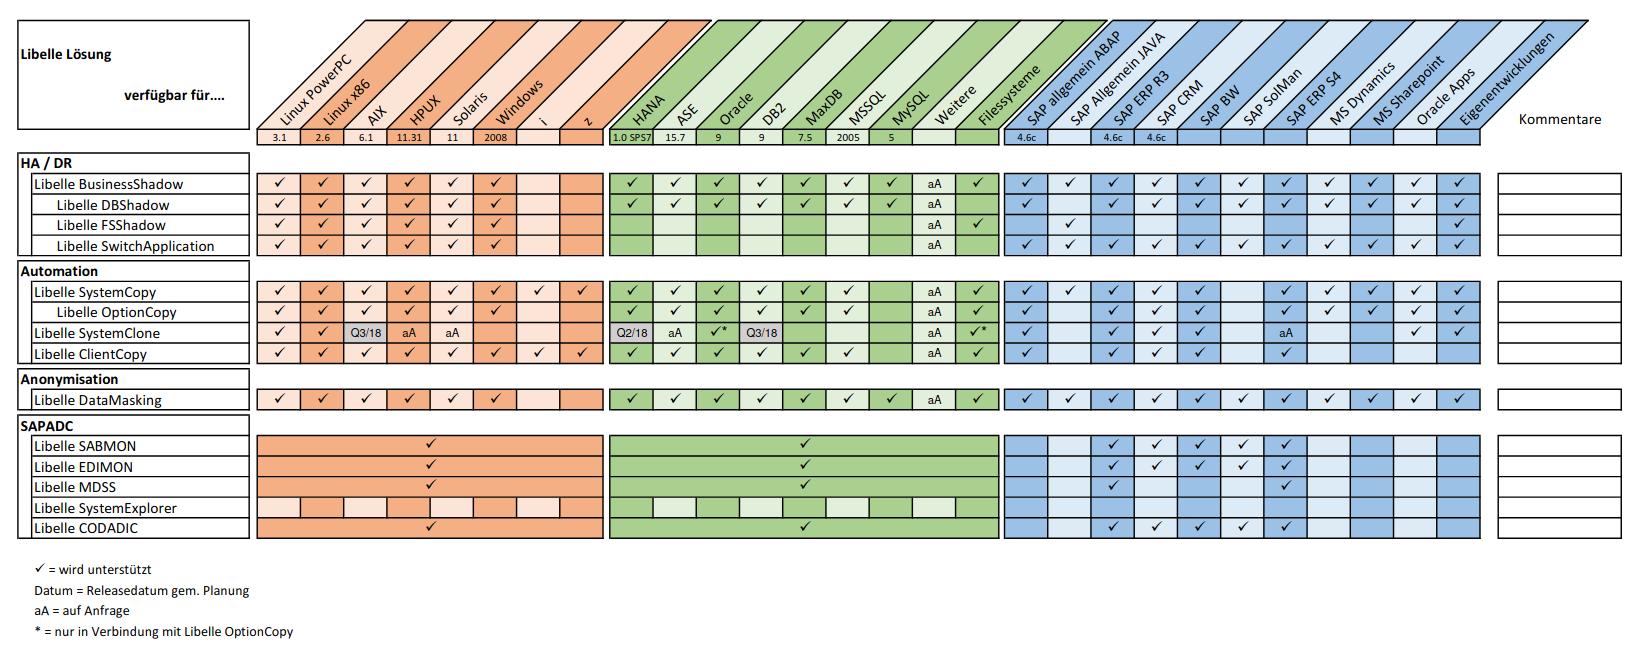 Produktverfügbarkeitsmatrix der Lösungen der Libelle IT Group